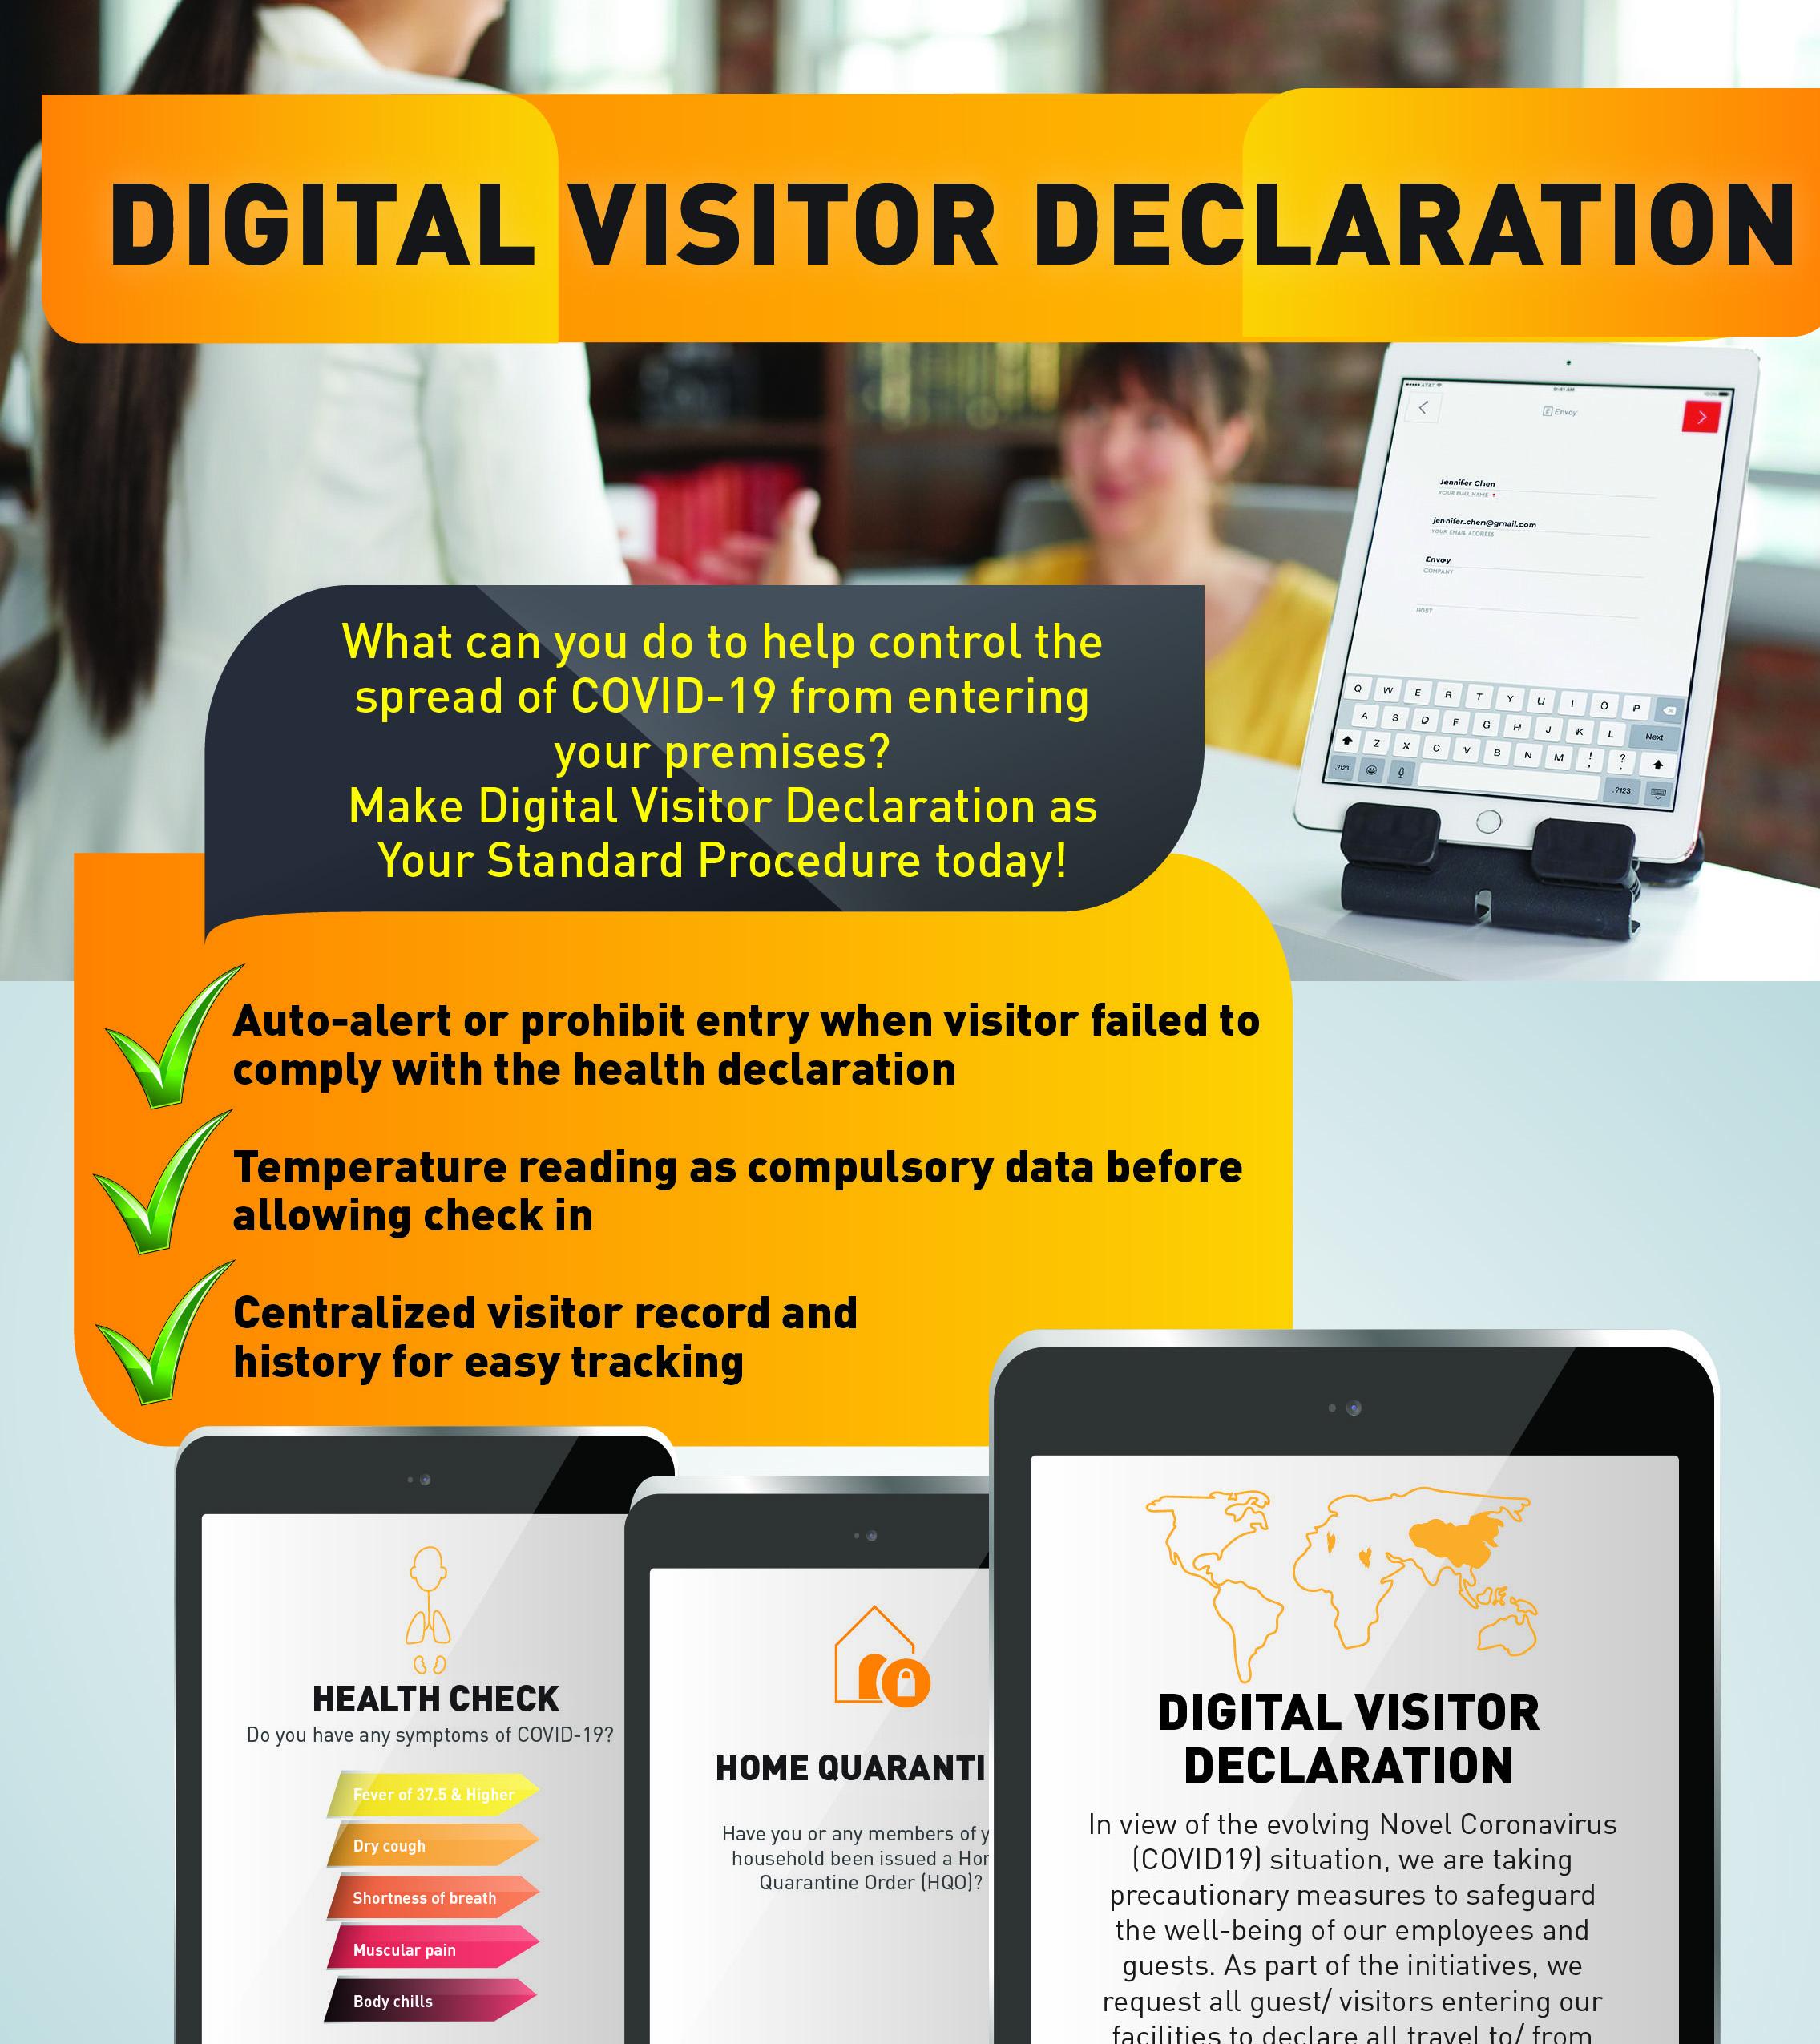 Digital Visitor Declaration